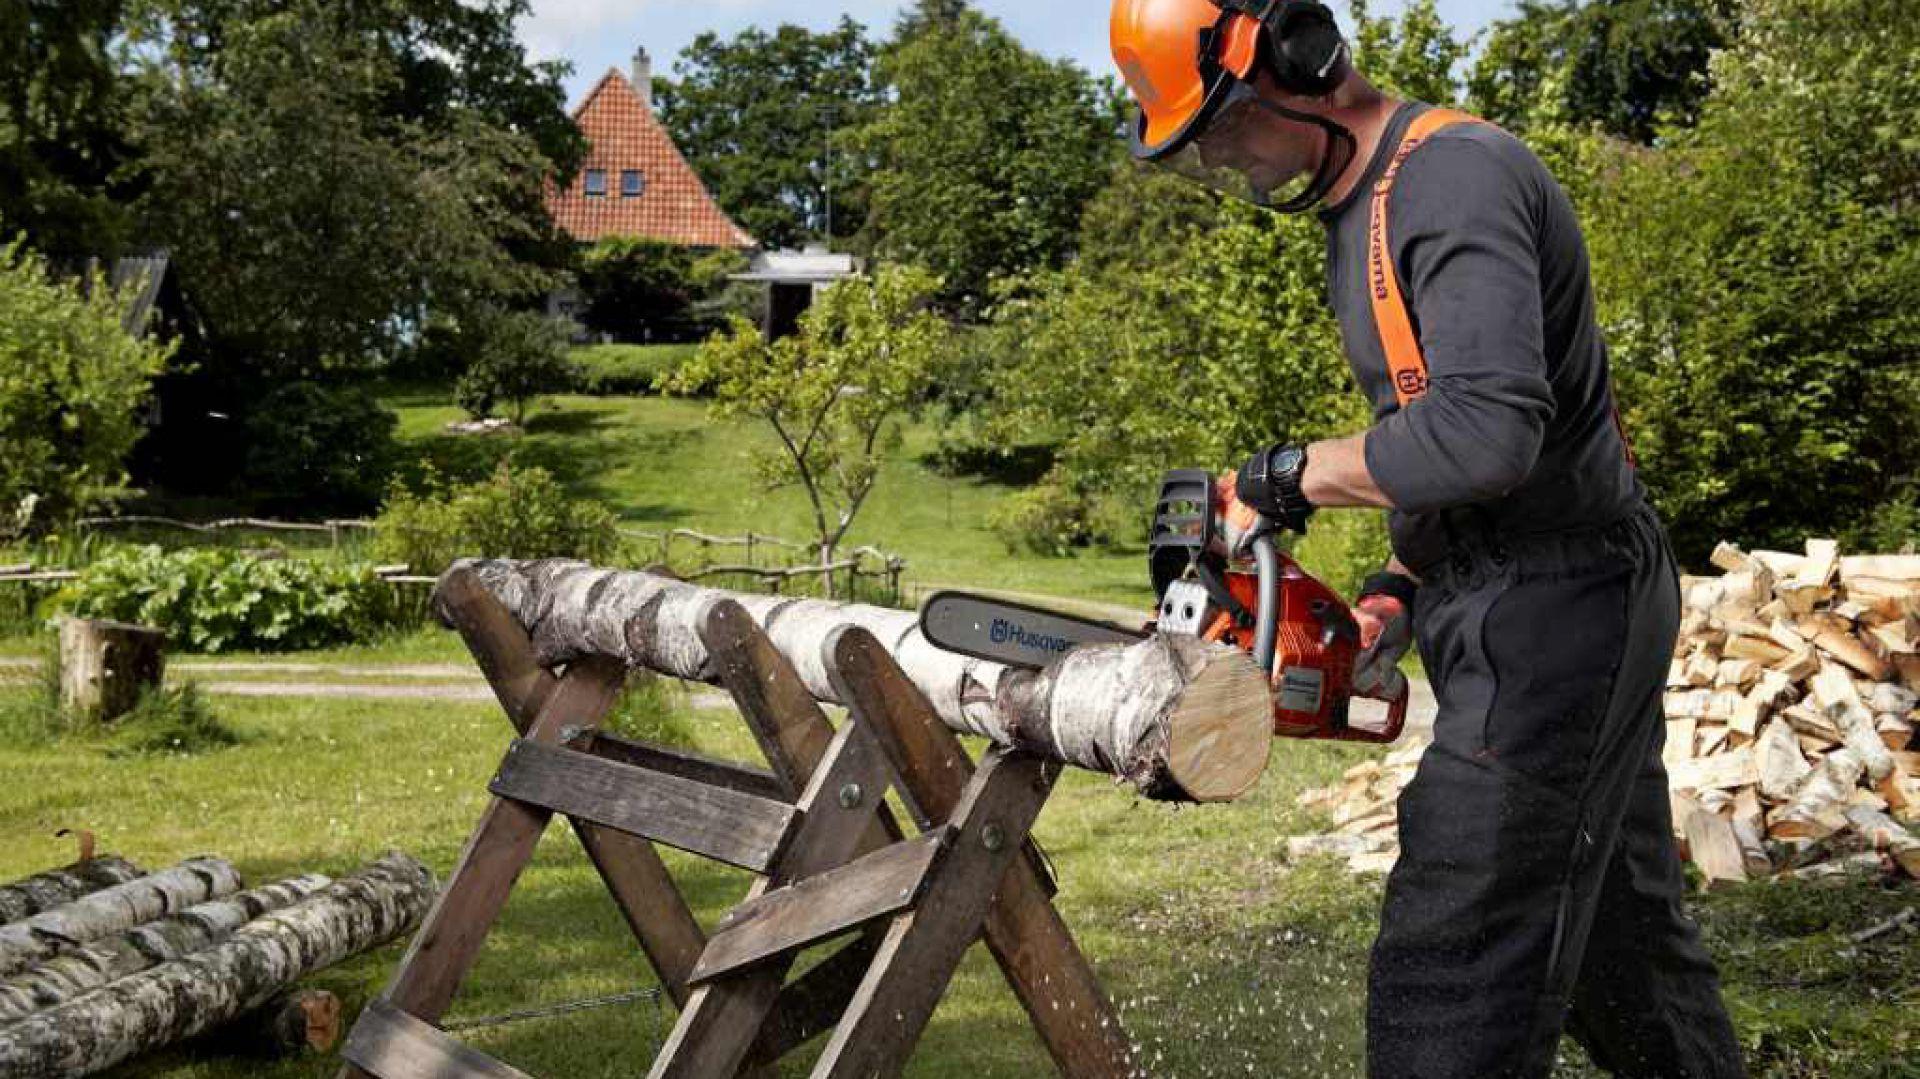 Niezbędnikiem w naszym ogrodzie, który doskonale radzi sobie z przycinaniem gałęzi drzew jest pilarka akumulatorowa. Fot. Husqvarna